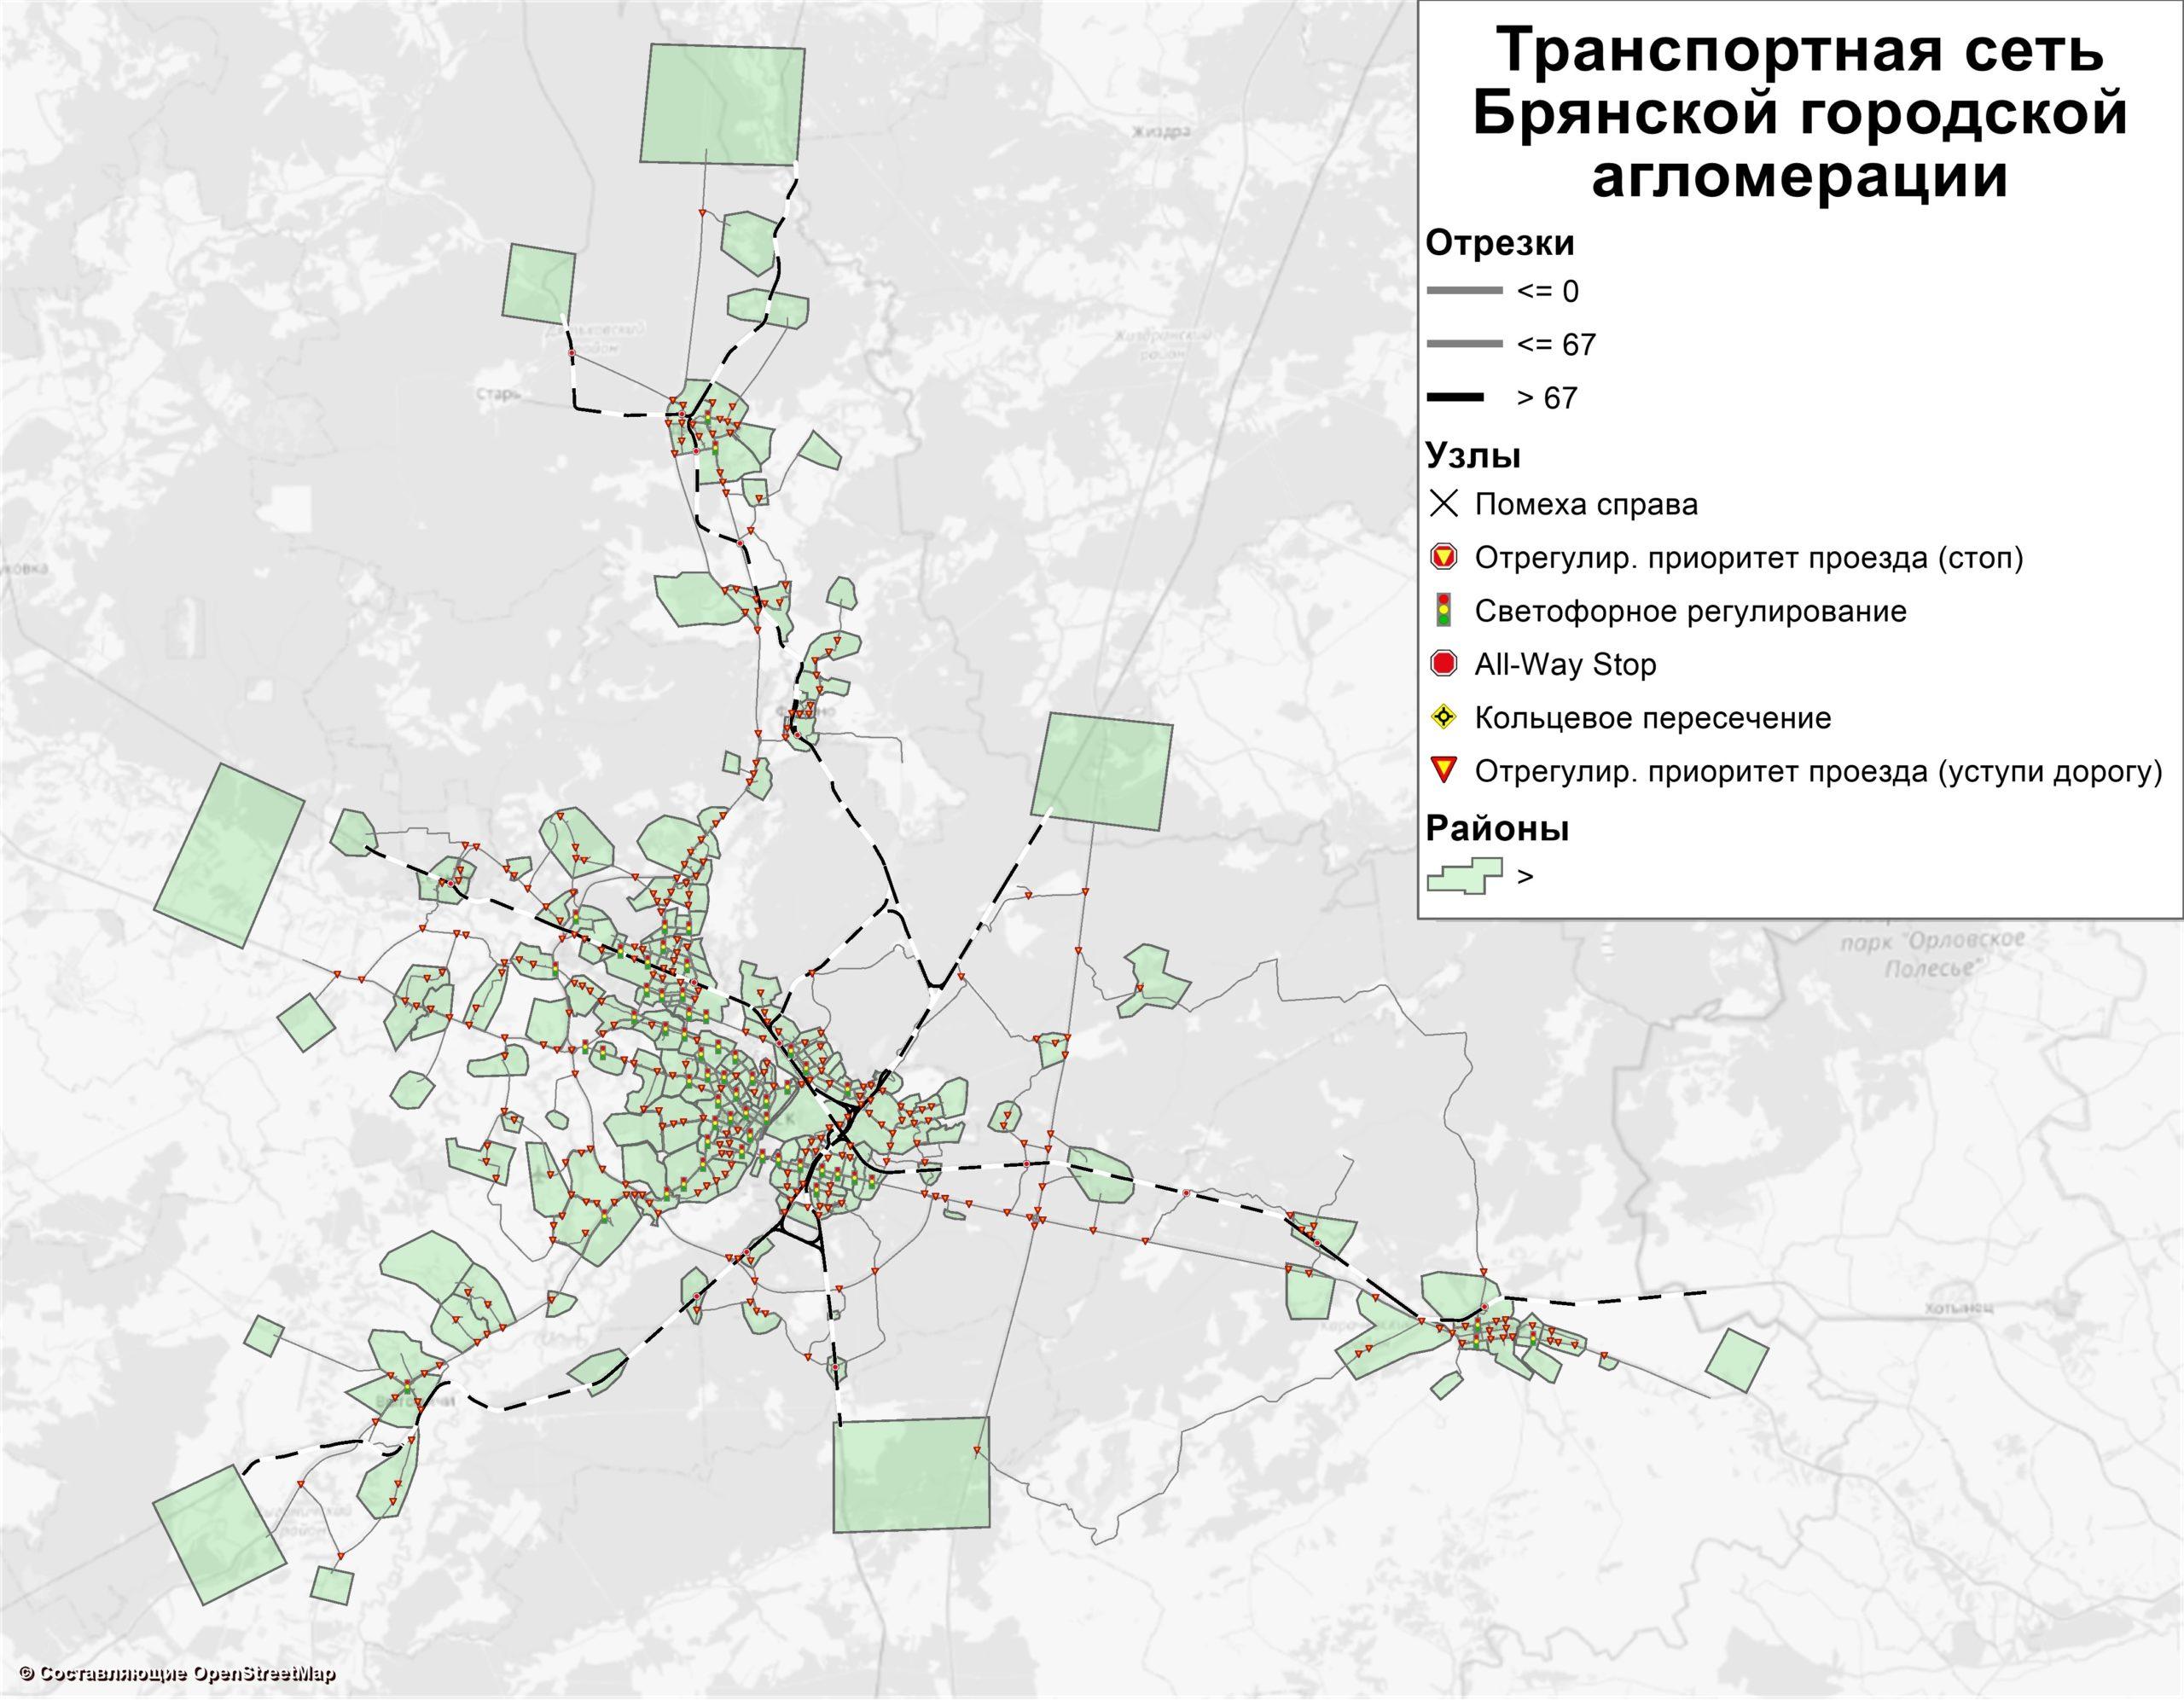 Транспортная сеть Брянской городской агломерации